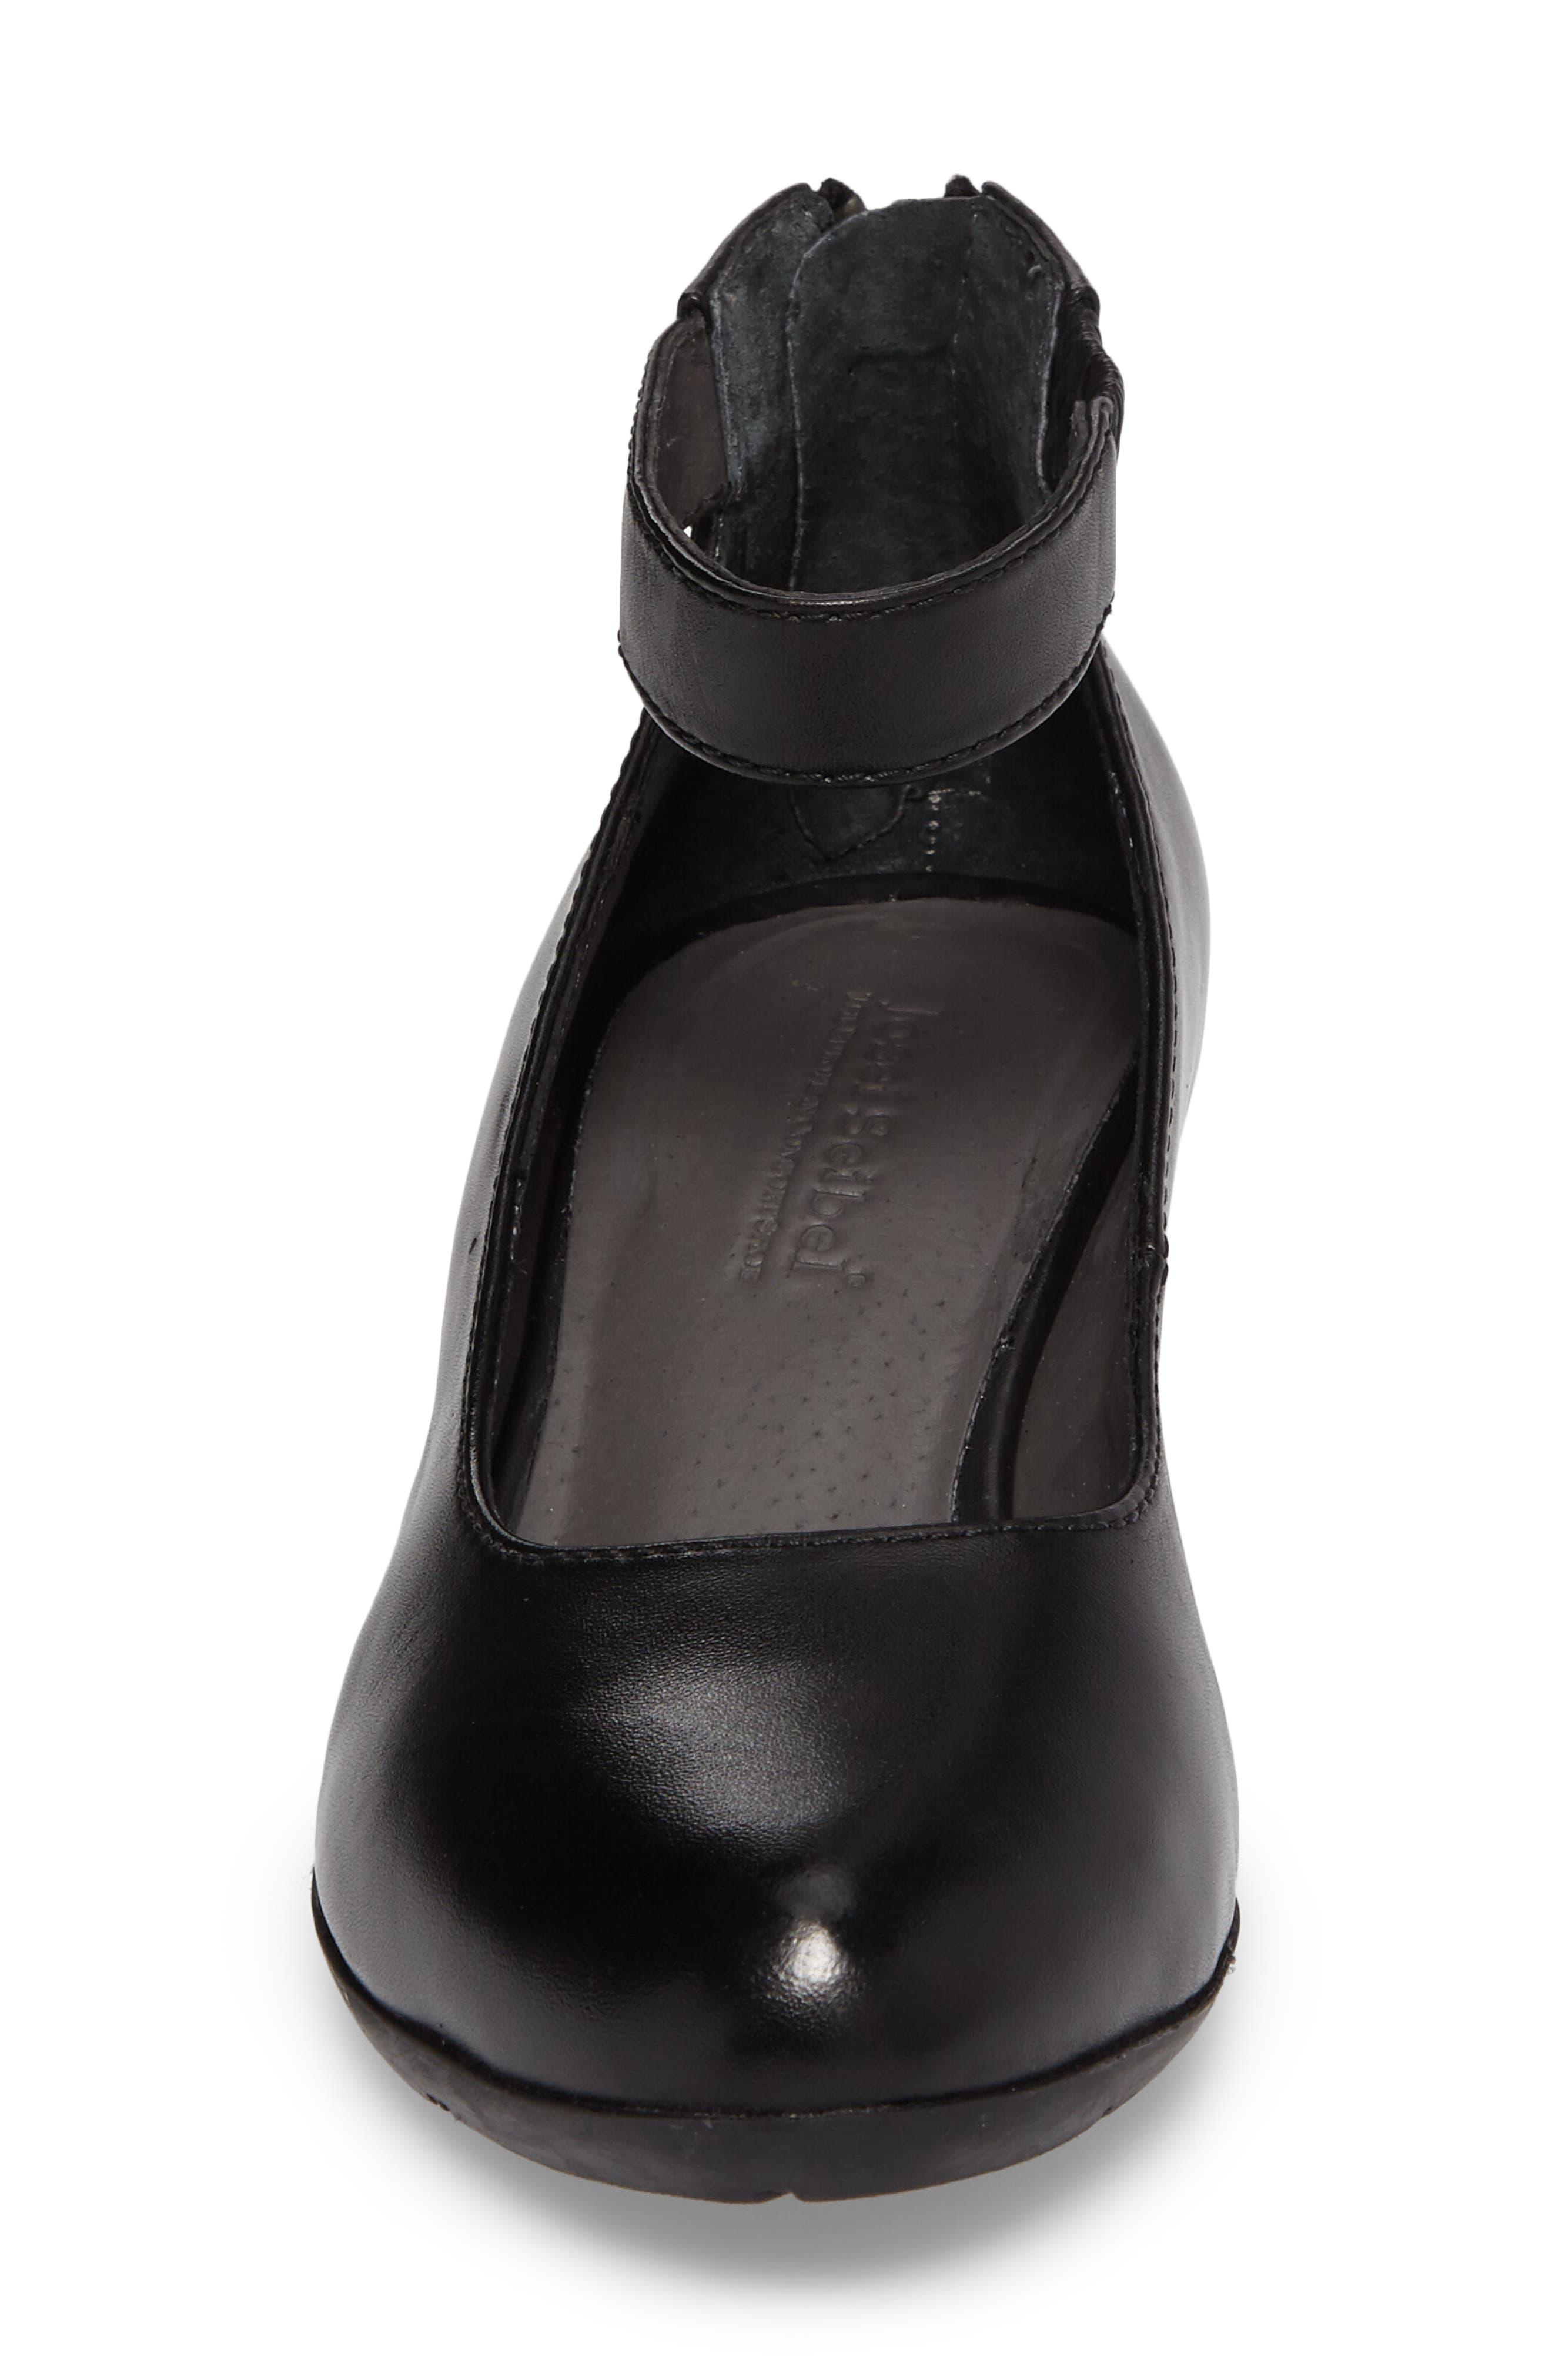 Sue 09 Ankle Strap Pump,                             Alternate thumbnail 4, color,                             Black Leather